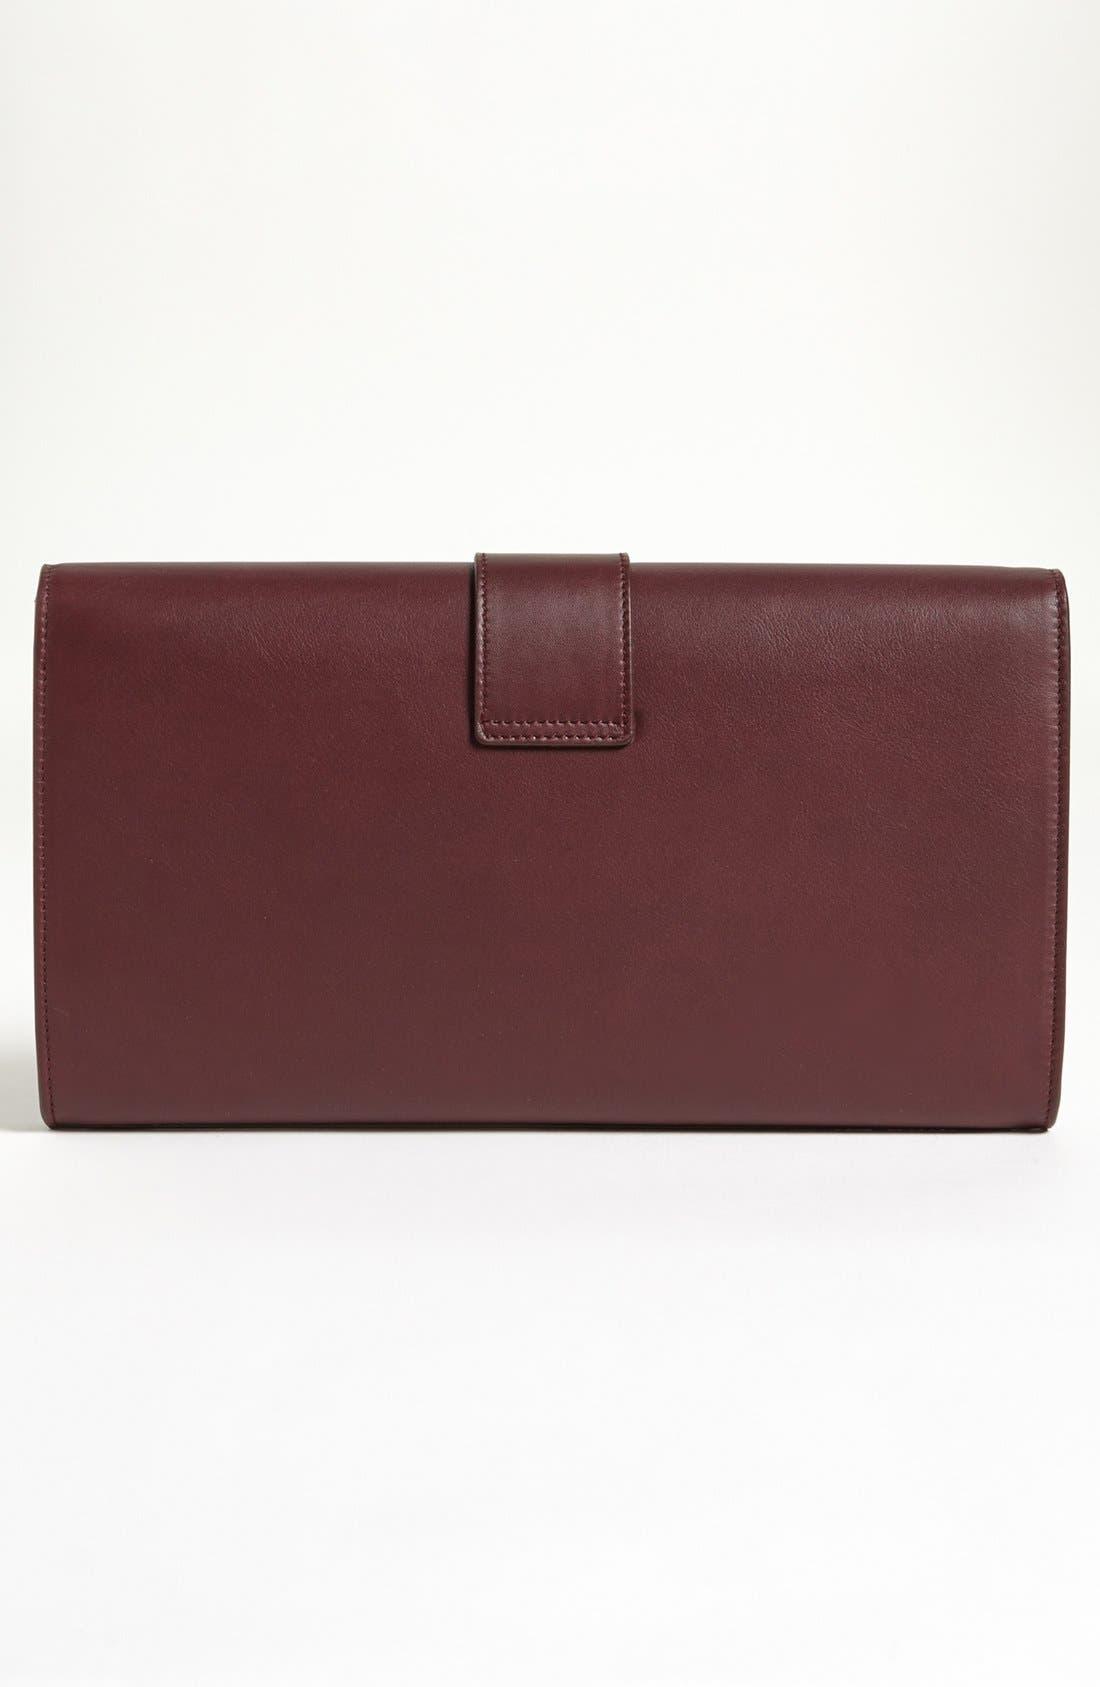 Alternate Image 3  - Saint Laurent 'Y' Leather Clutch